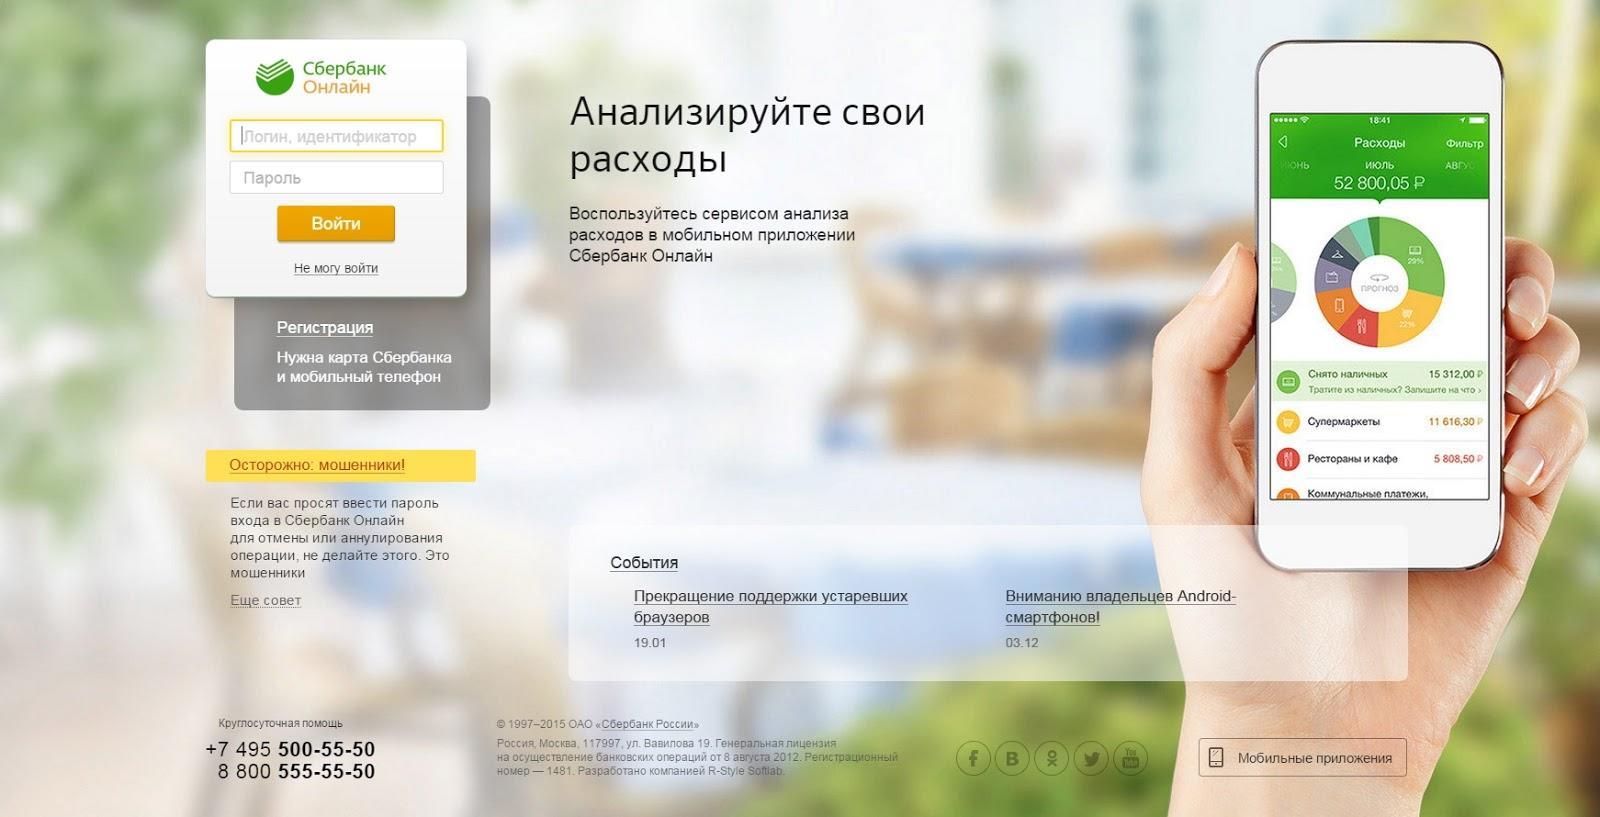 Стоимость перевыпуска карты в Тинькофф